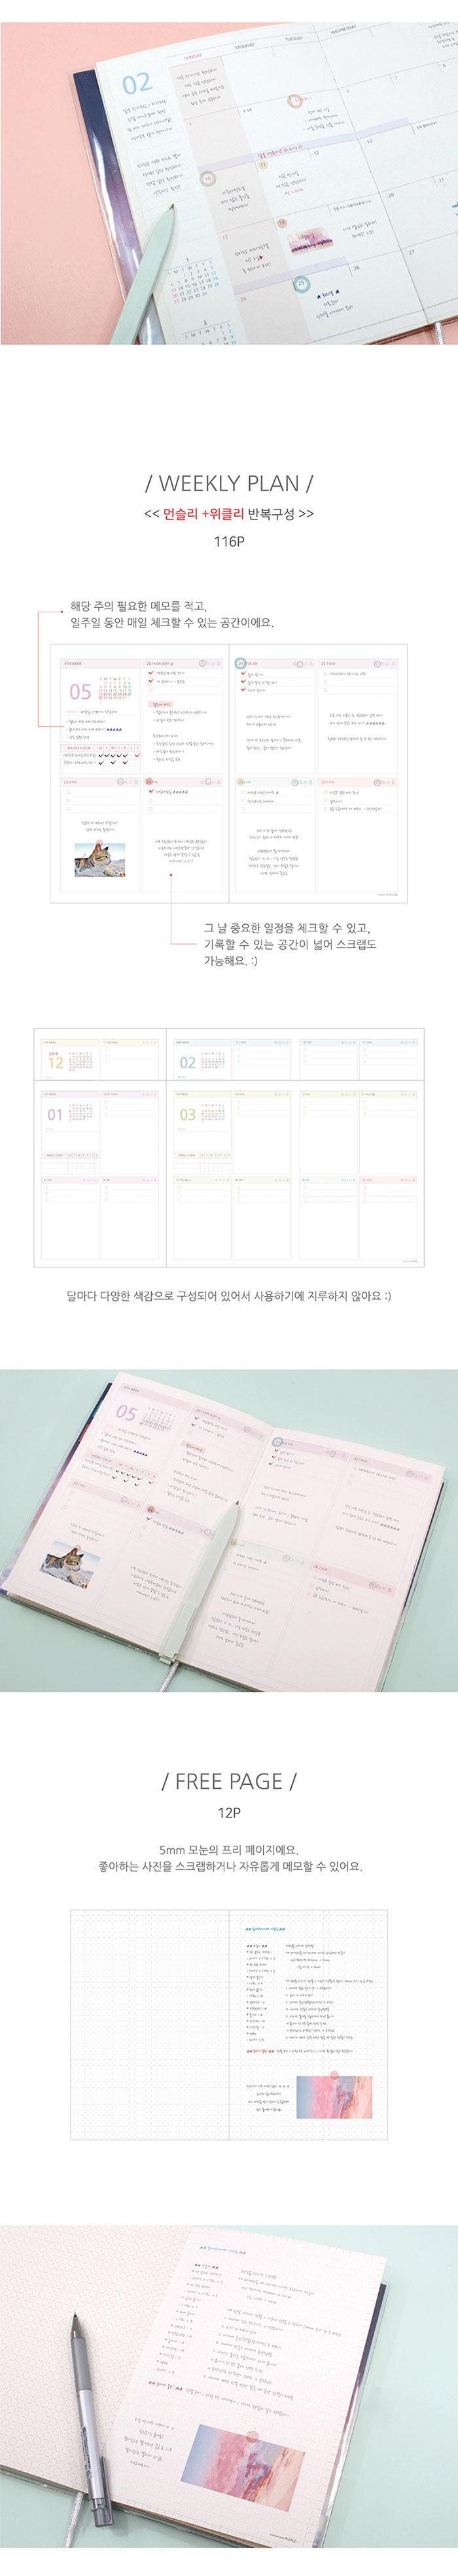 2019 마이스토리 v4 + 일정관리스티커 - 플레플레, 10,800원, 2019 다이어리, 일러스트